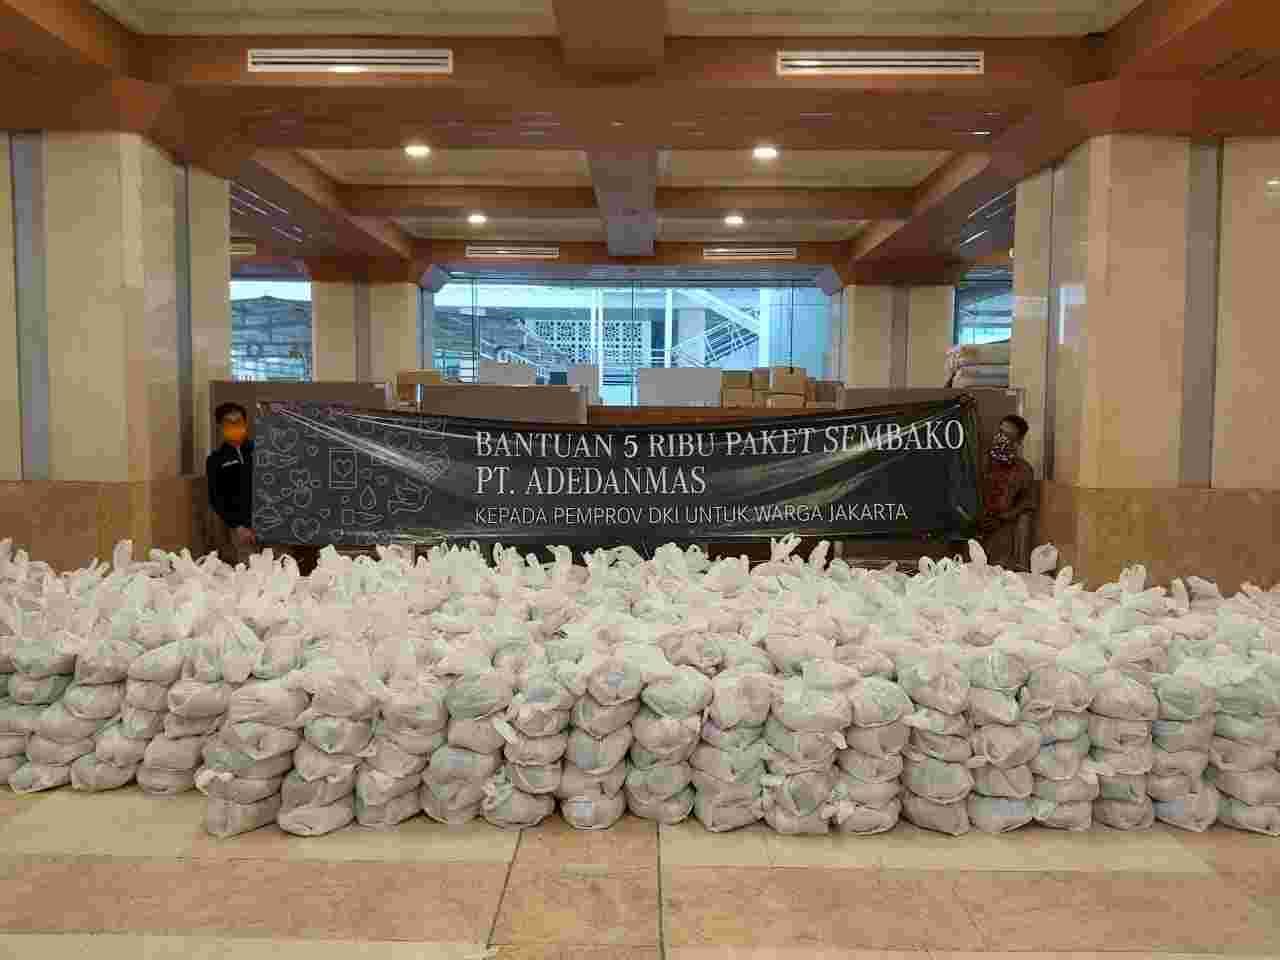 Pemprov DKI Jakarta Terima Bantuan 5.000 Paket Sembako dari PT Adedanmas Untuk Disalurkan ke Masyarakat